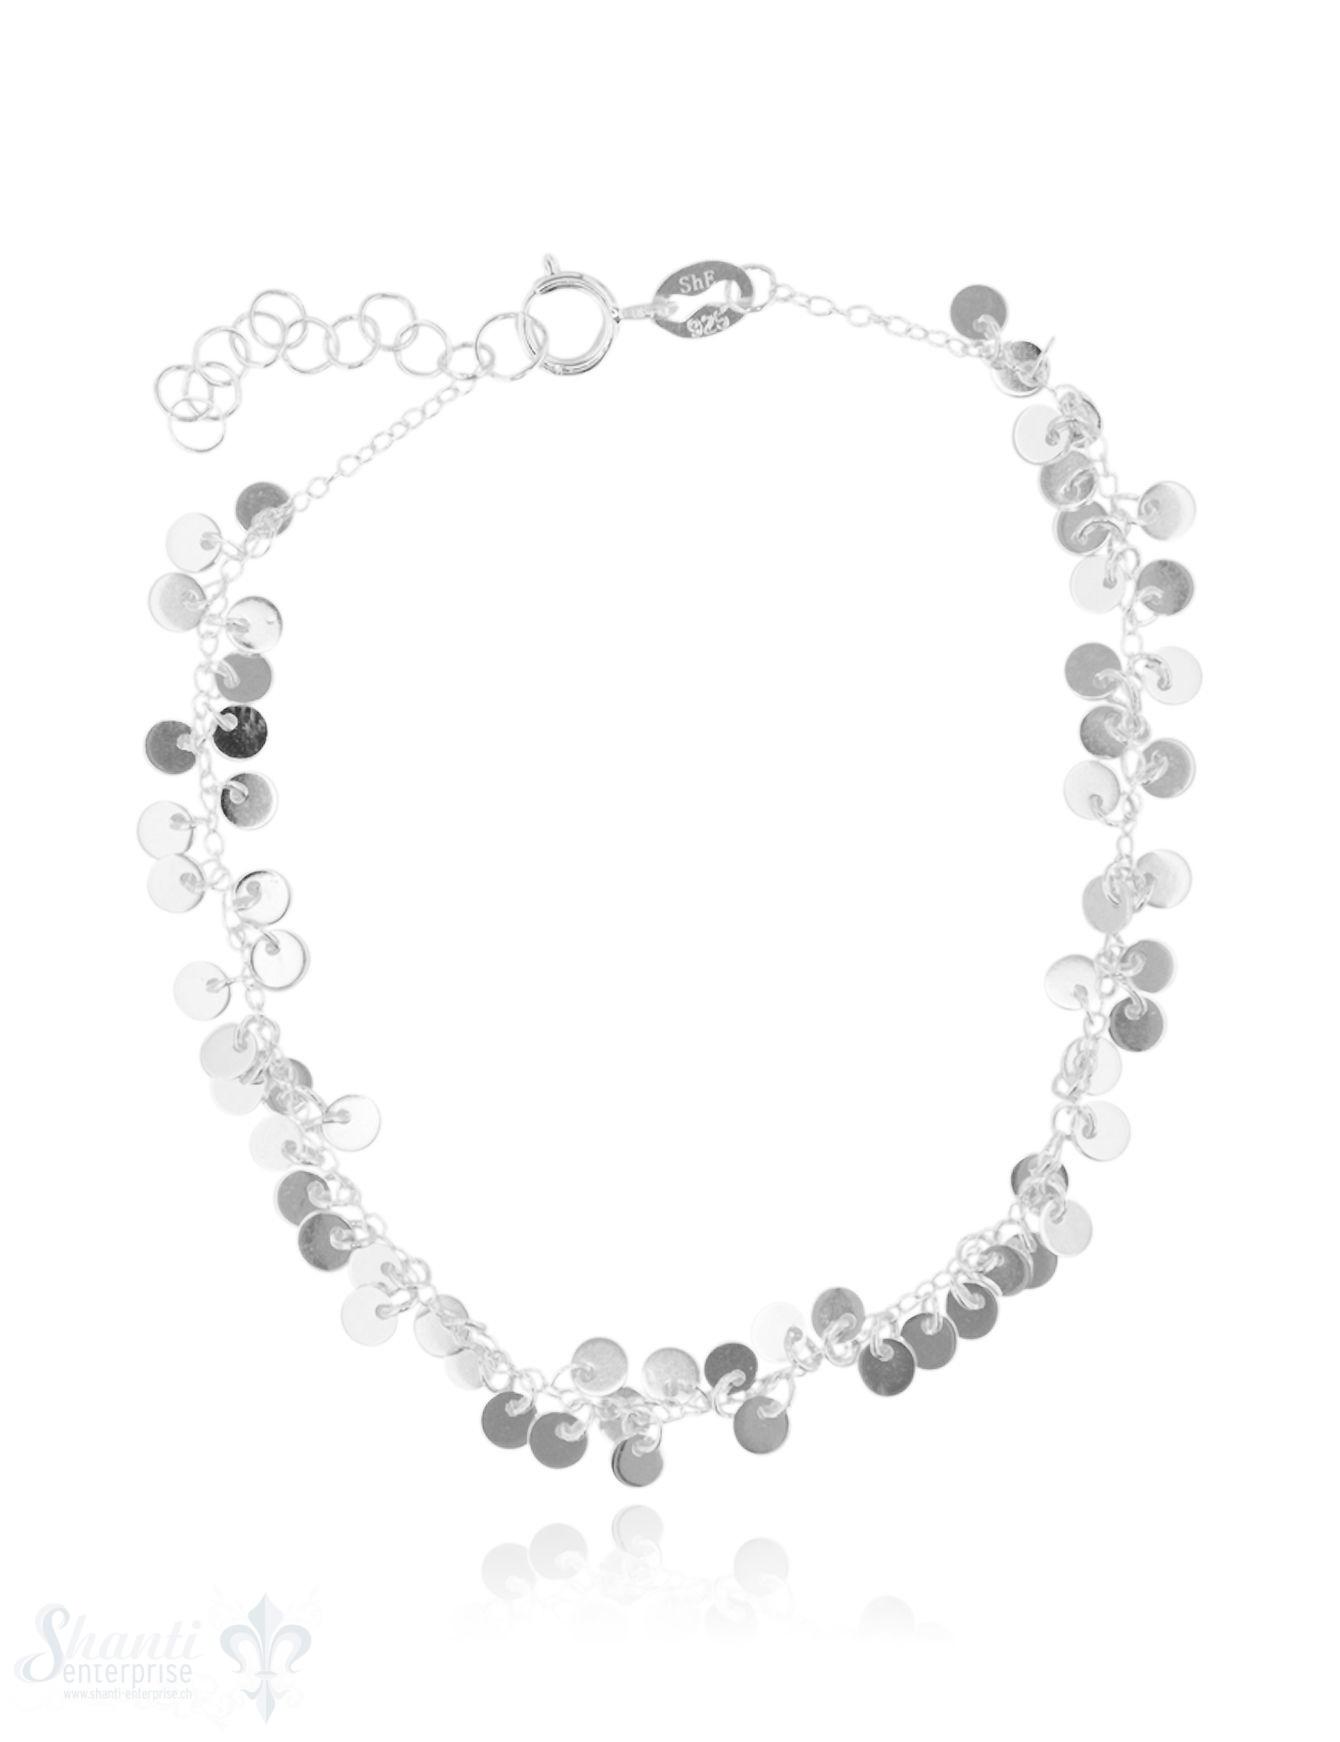 Armkette Silber hell Anker 17-19,5 cm mit vielen